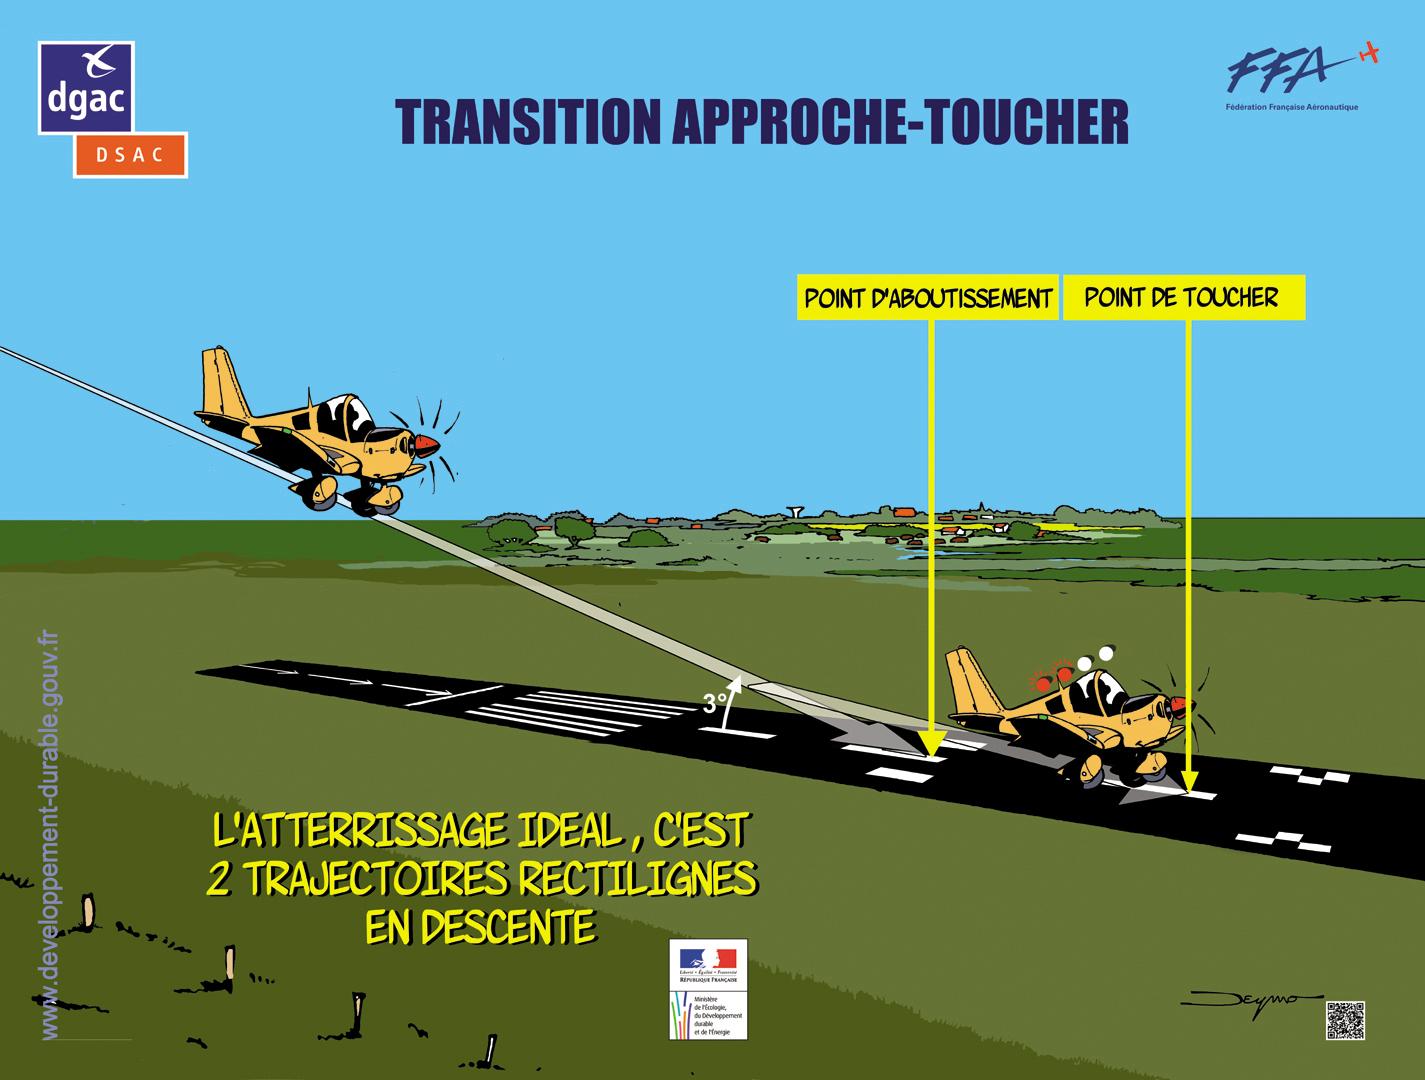 L'atterrissage idéal, c'est 2 trajectoires rectilignes en descente